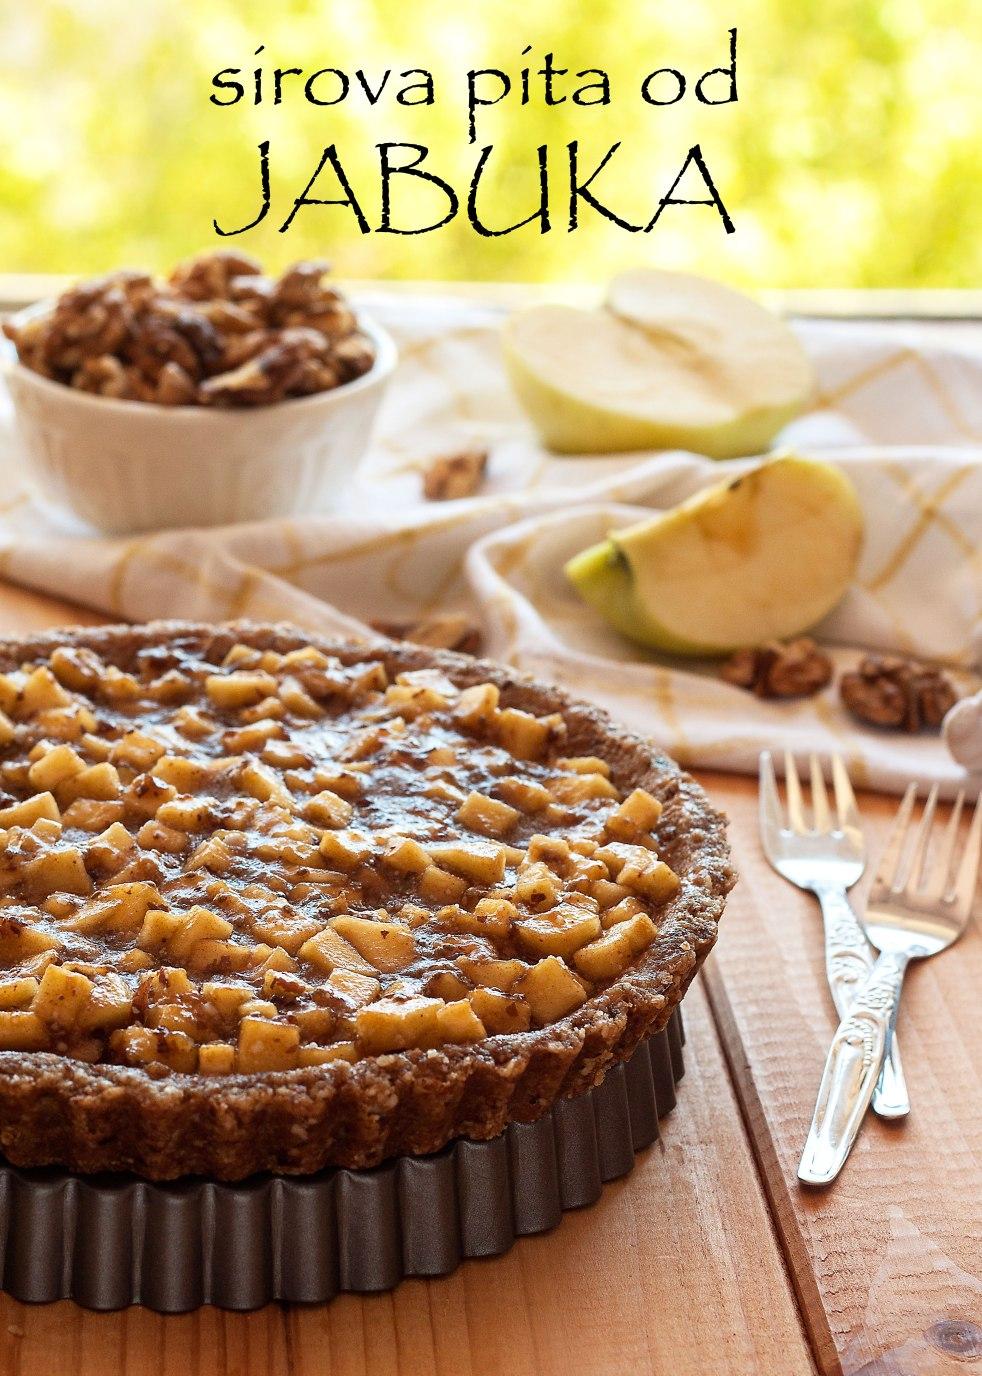 sirova pita od jabuke